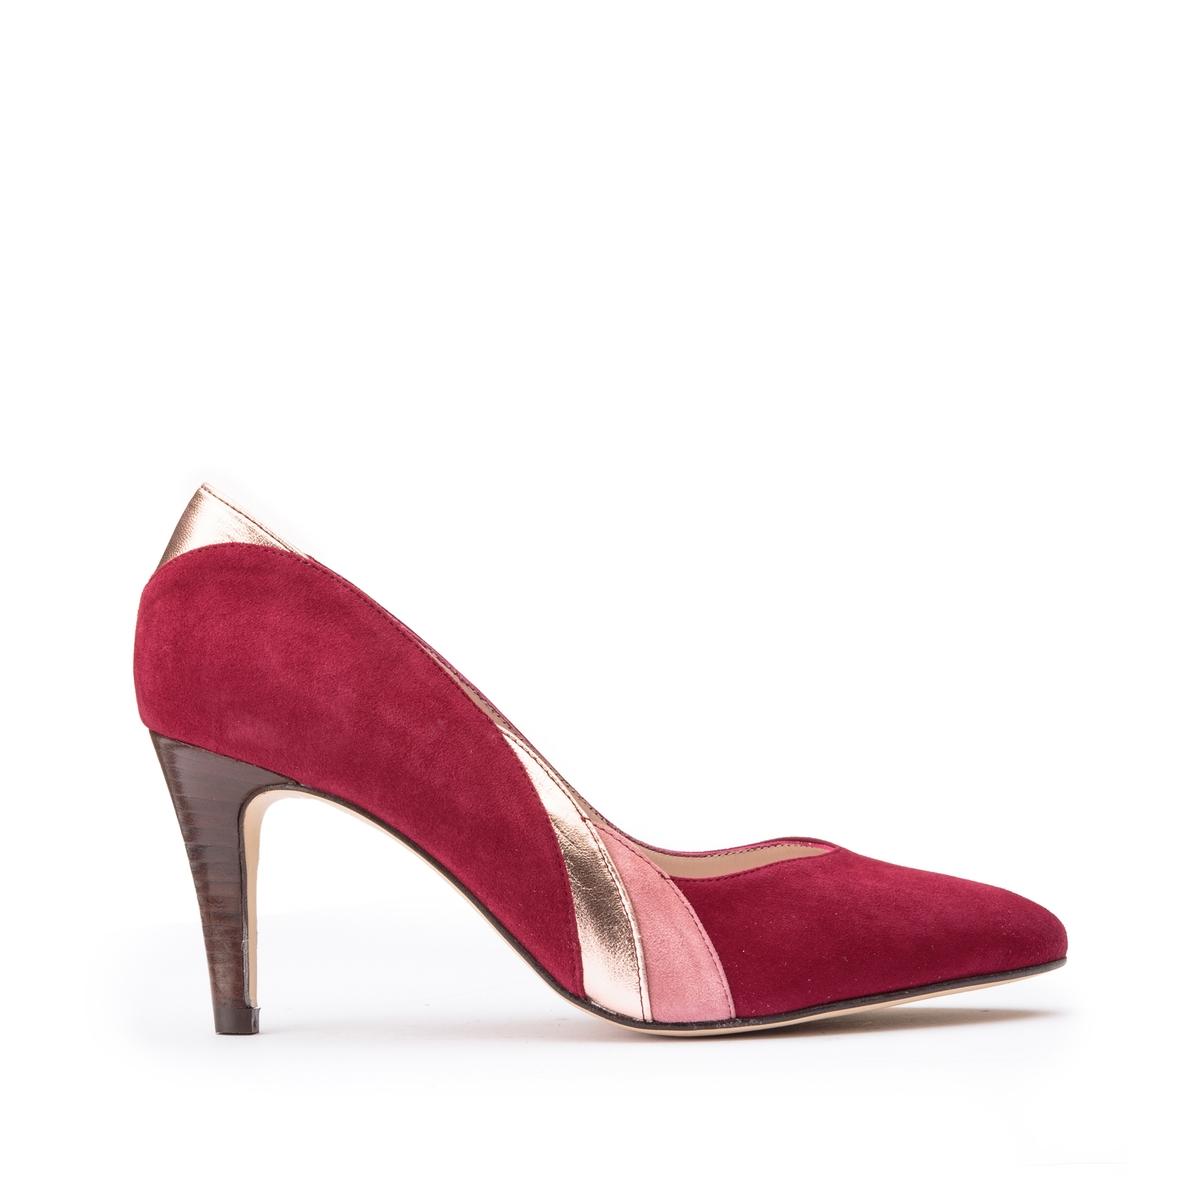 Туфли La Redoute Кожаные двухцветные 39 красный ботильоны la redoute кожаные горные на меху laurence 36 белый